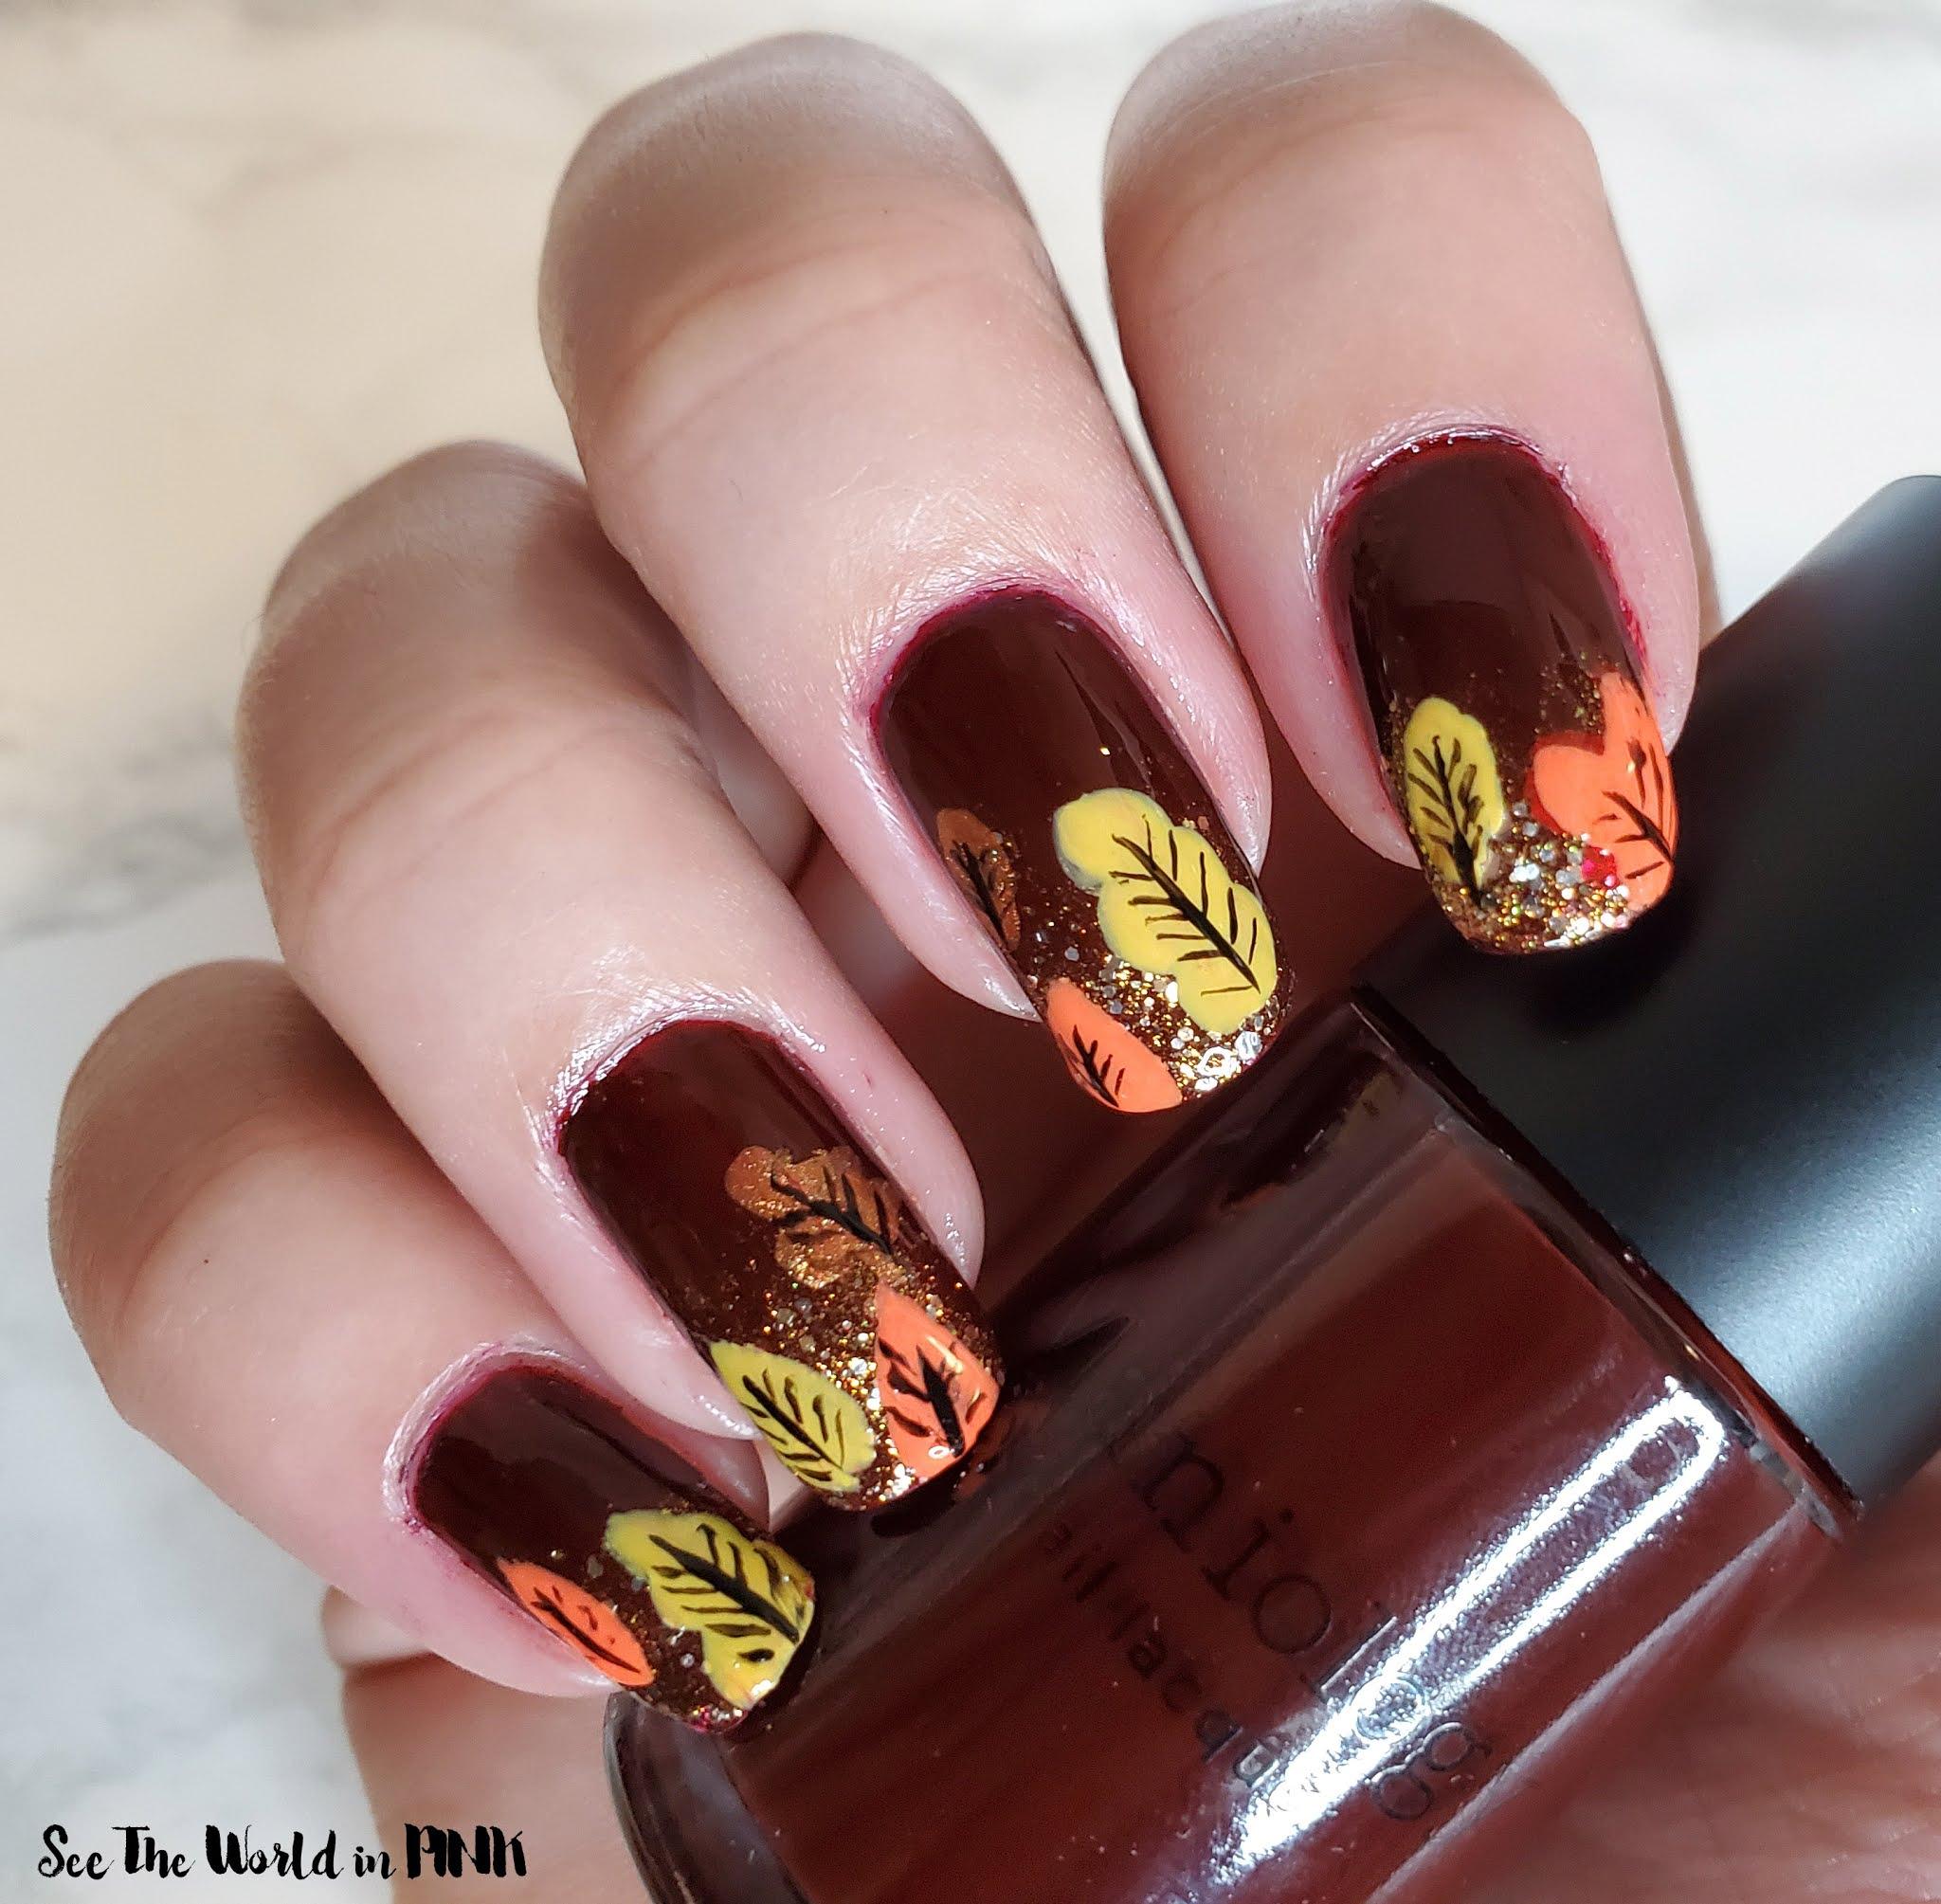 Manicure Monday - Fall Leaf Nail Art